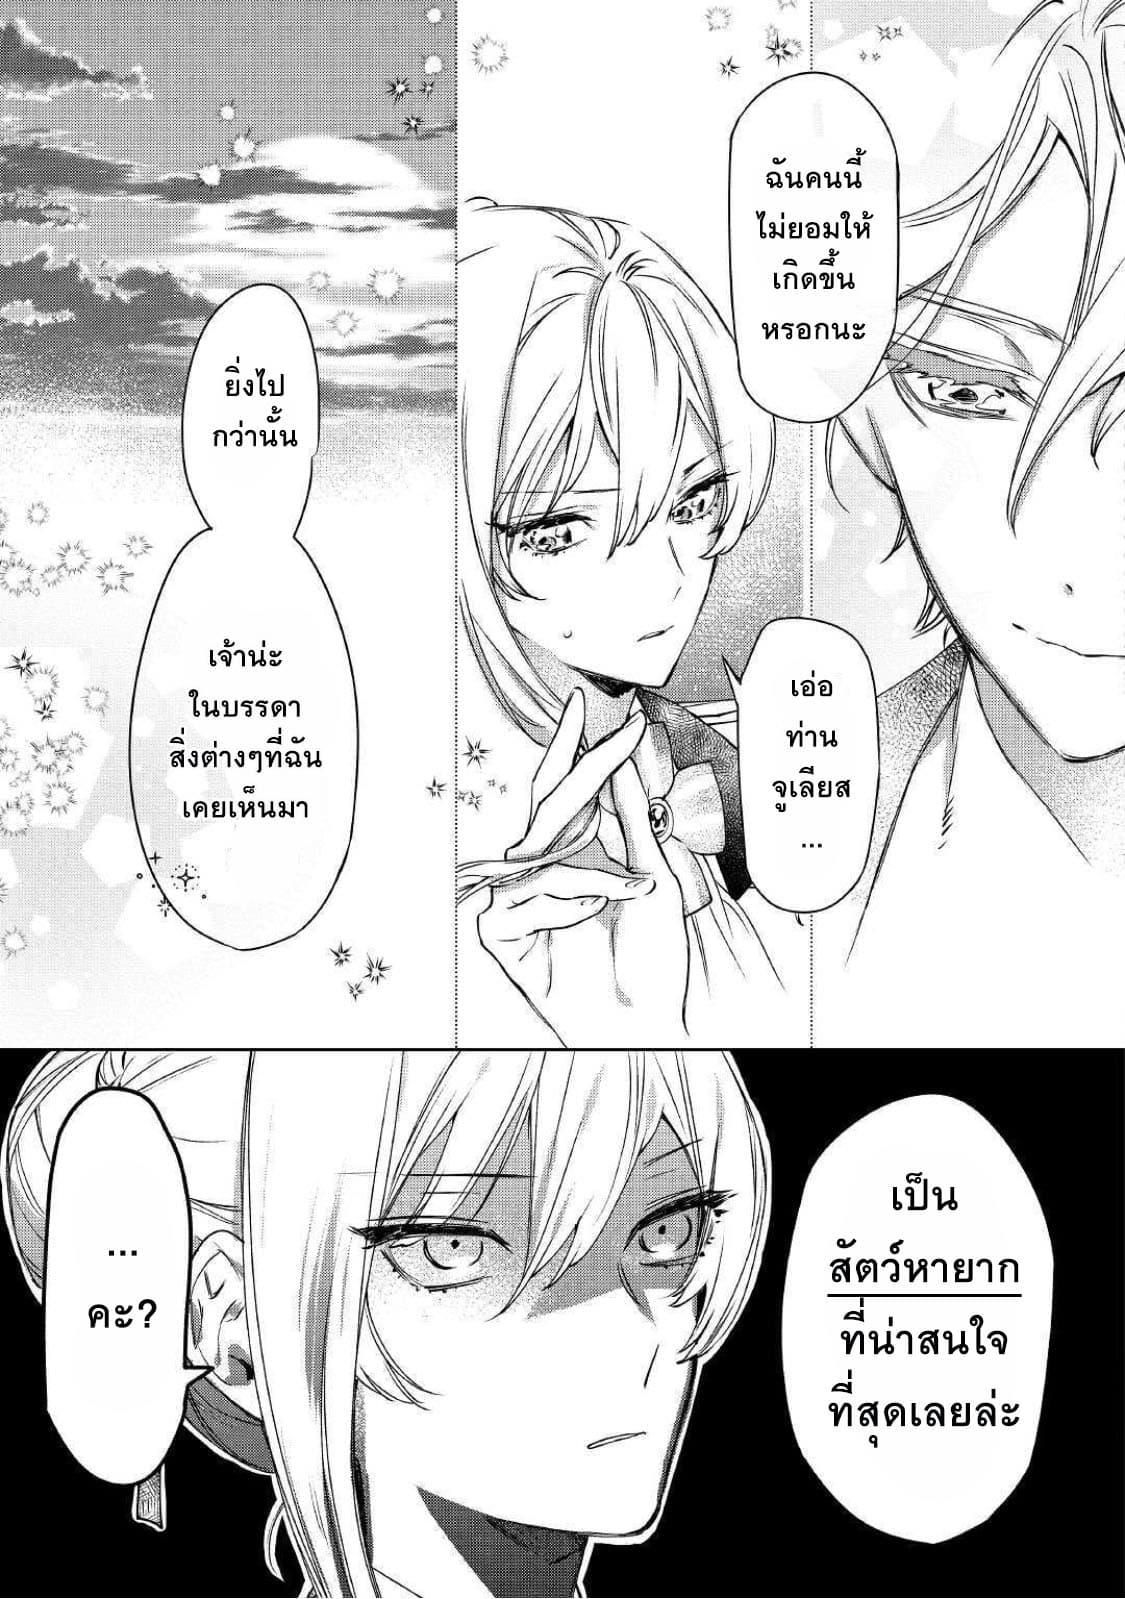 อ่านการ์ตูน Saigo ni Hitotsu Dake Onengai Shitemo Yoroshii Deshouka ตอนที่ 3 หน้าที่ 19